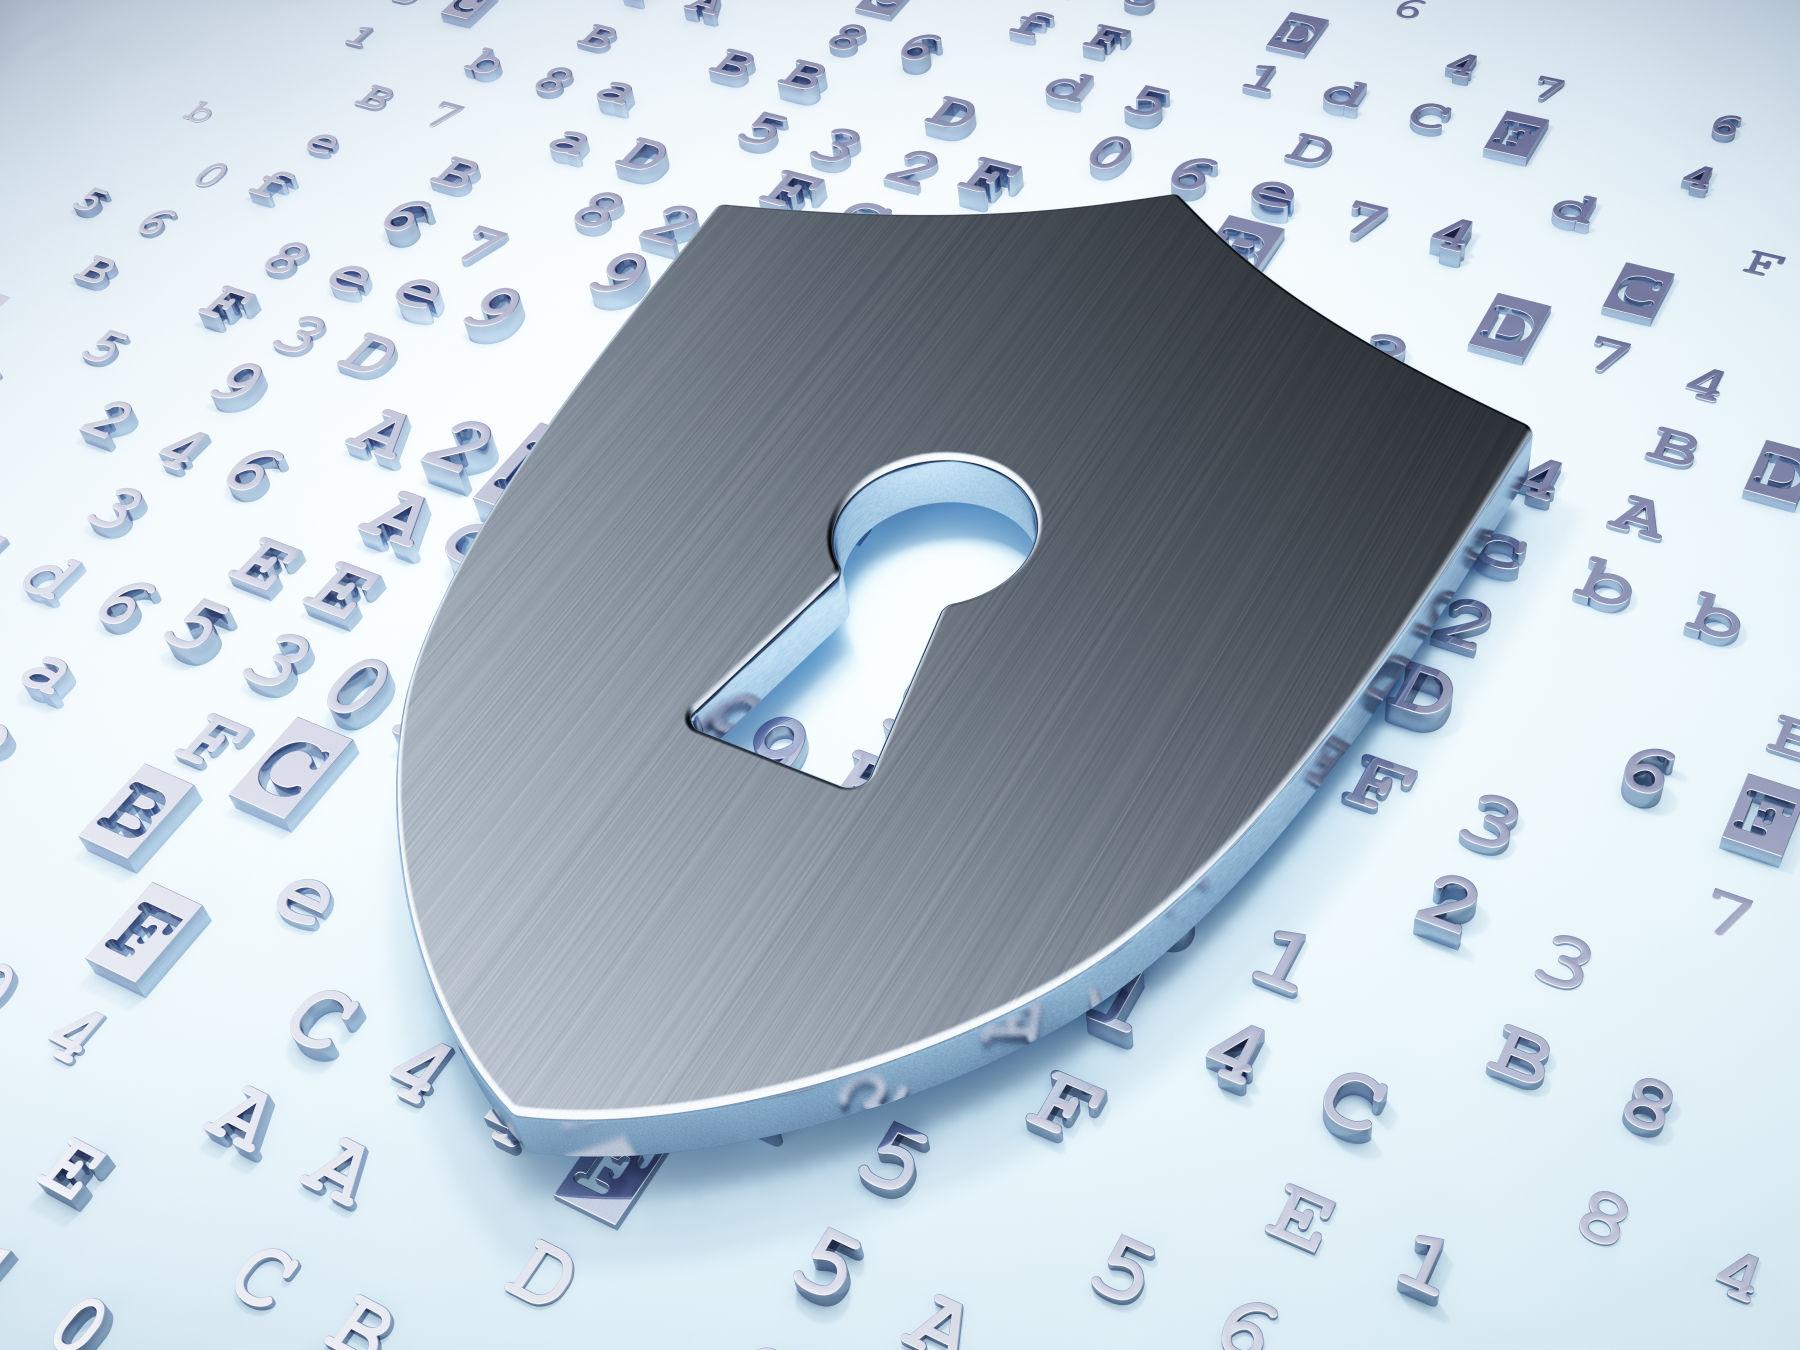 Criptoactivos: Prosegur crea un búnker digital para su custodia